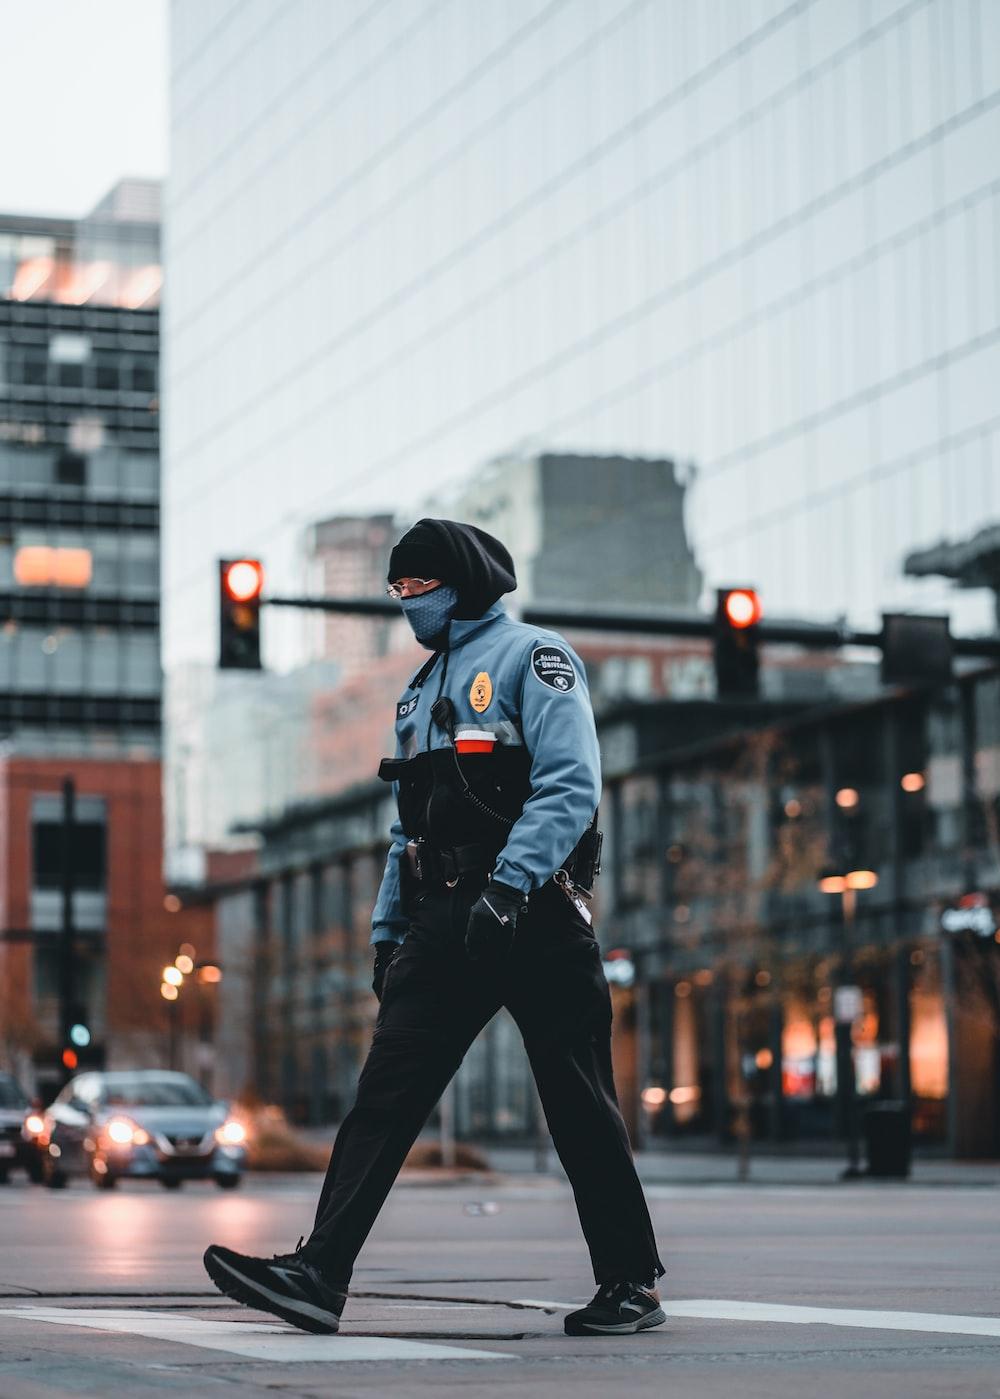 man in black jacket and black pants wearing black cap walking on street during daytime